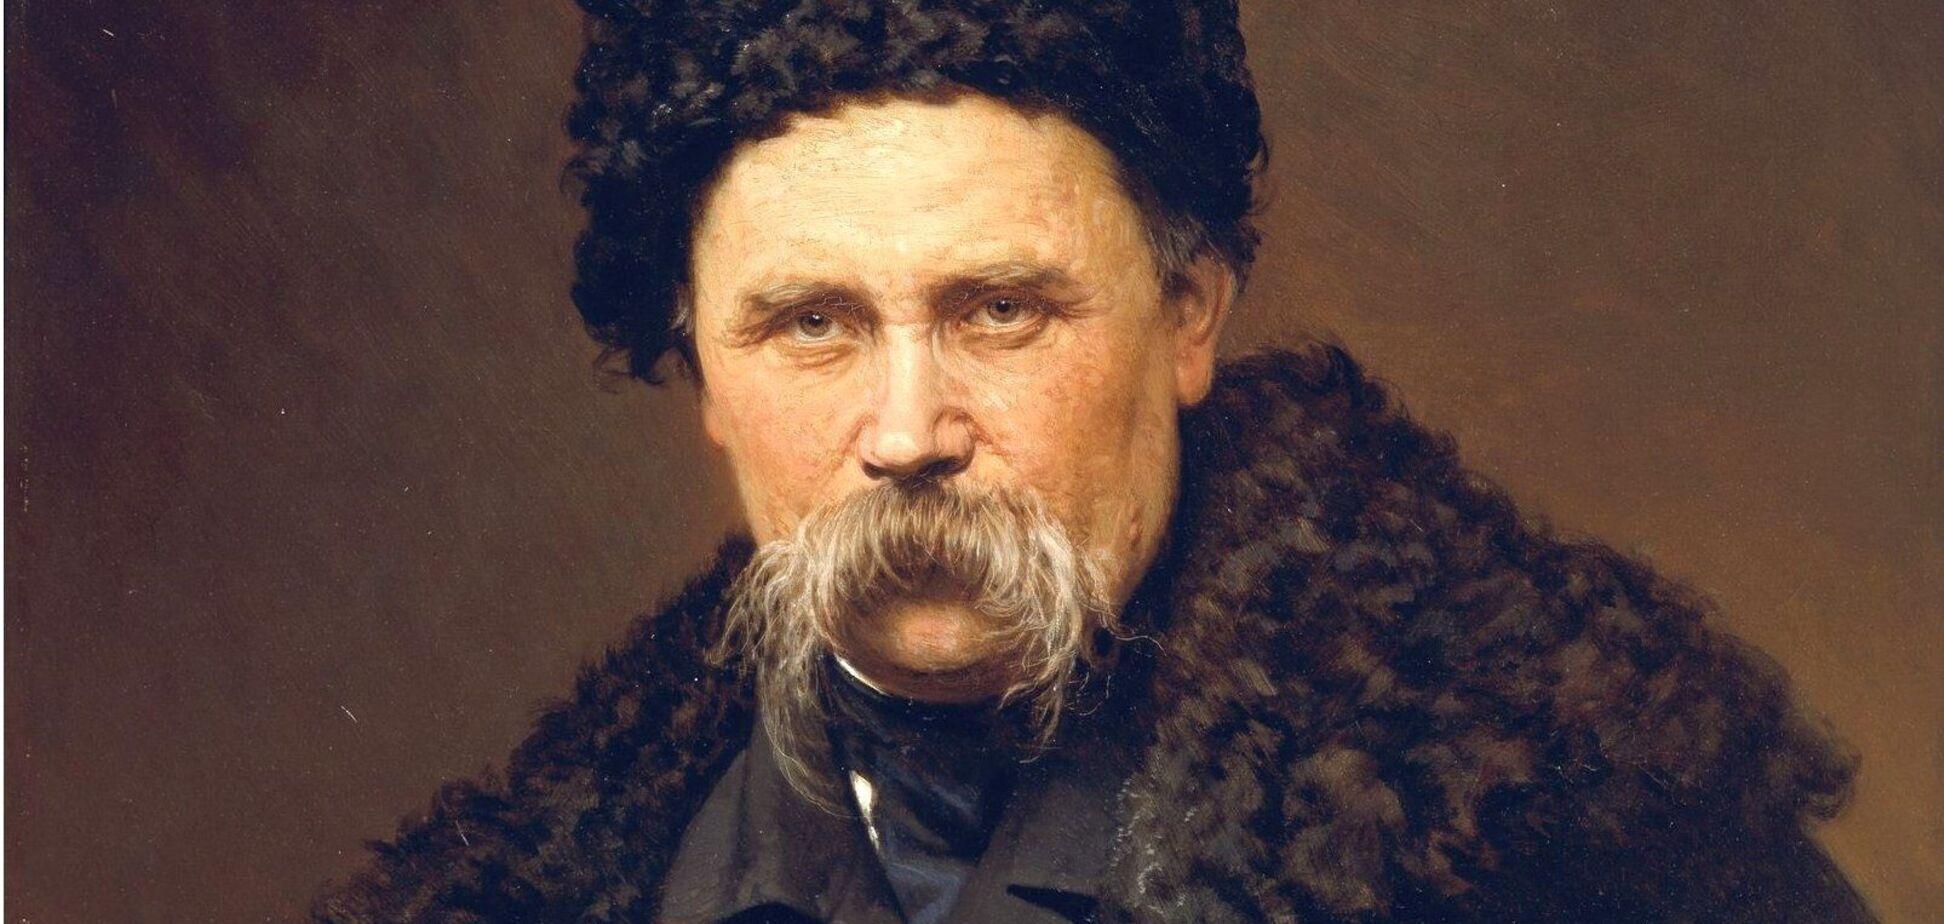 'Заповіт' Шевченко зазвучал на разных языках висполнении иностранных студентов. Видео